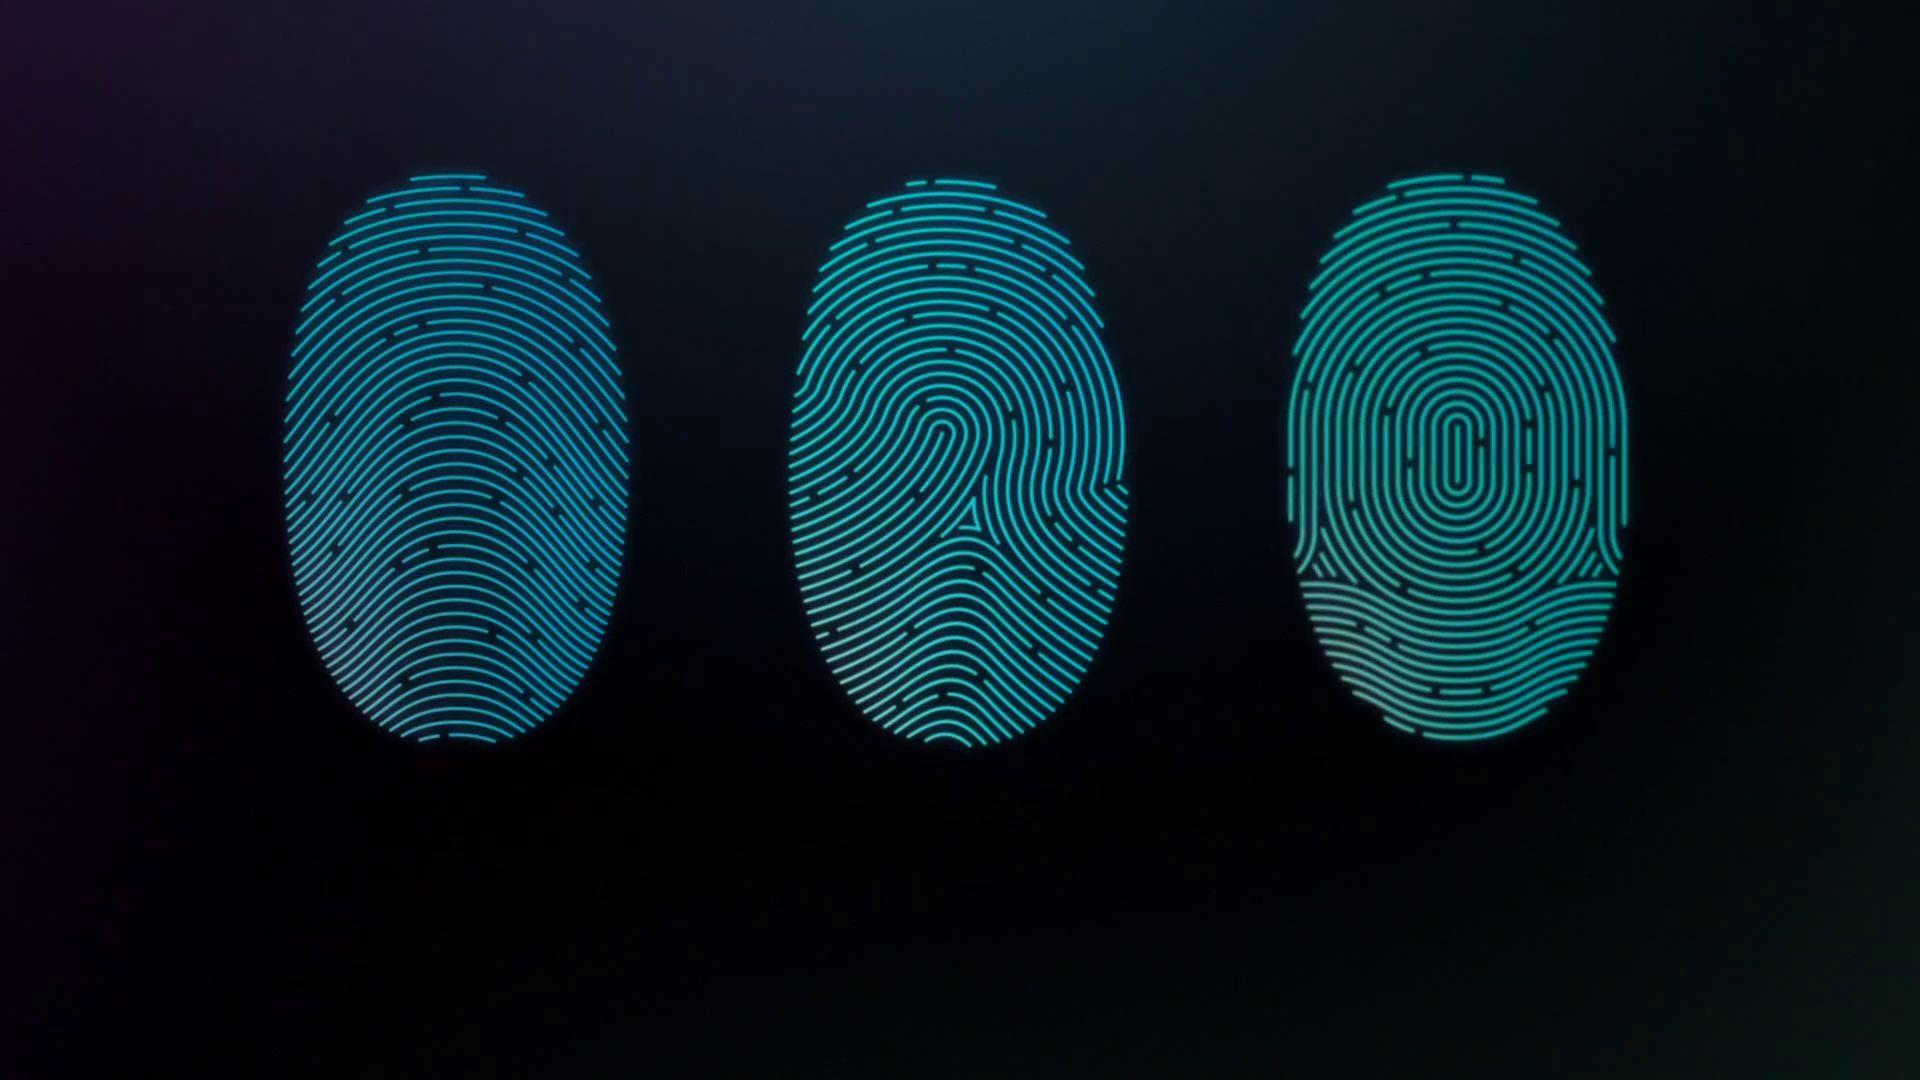 Biometrics hand and fingerprints